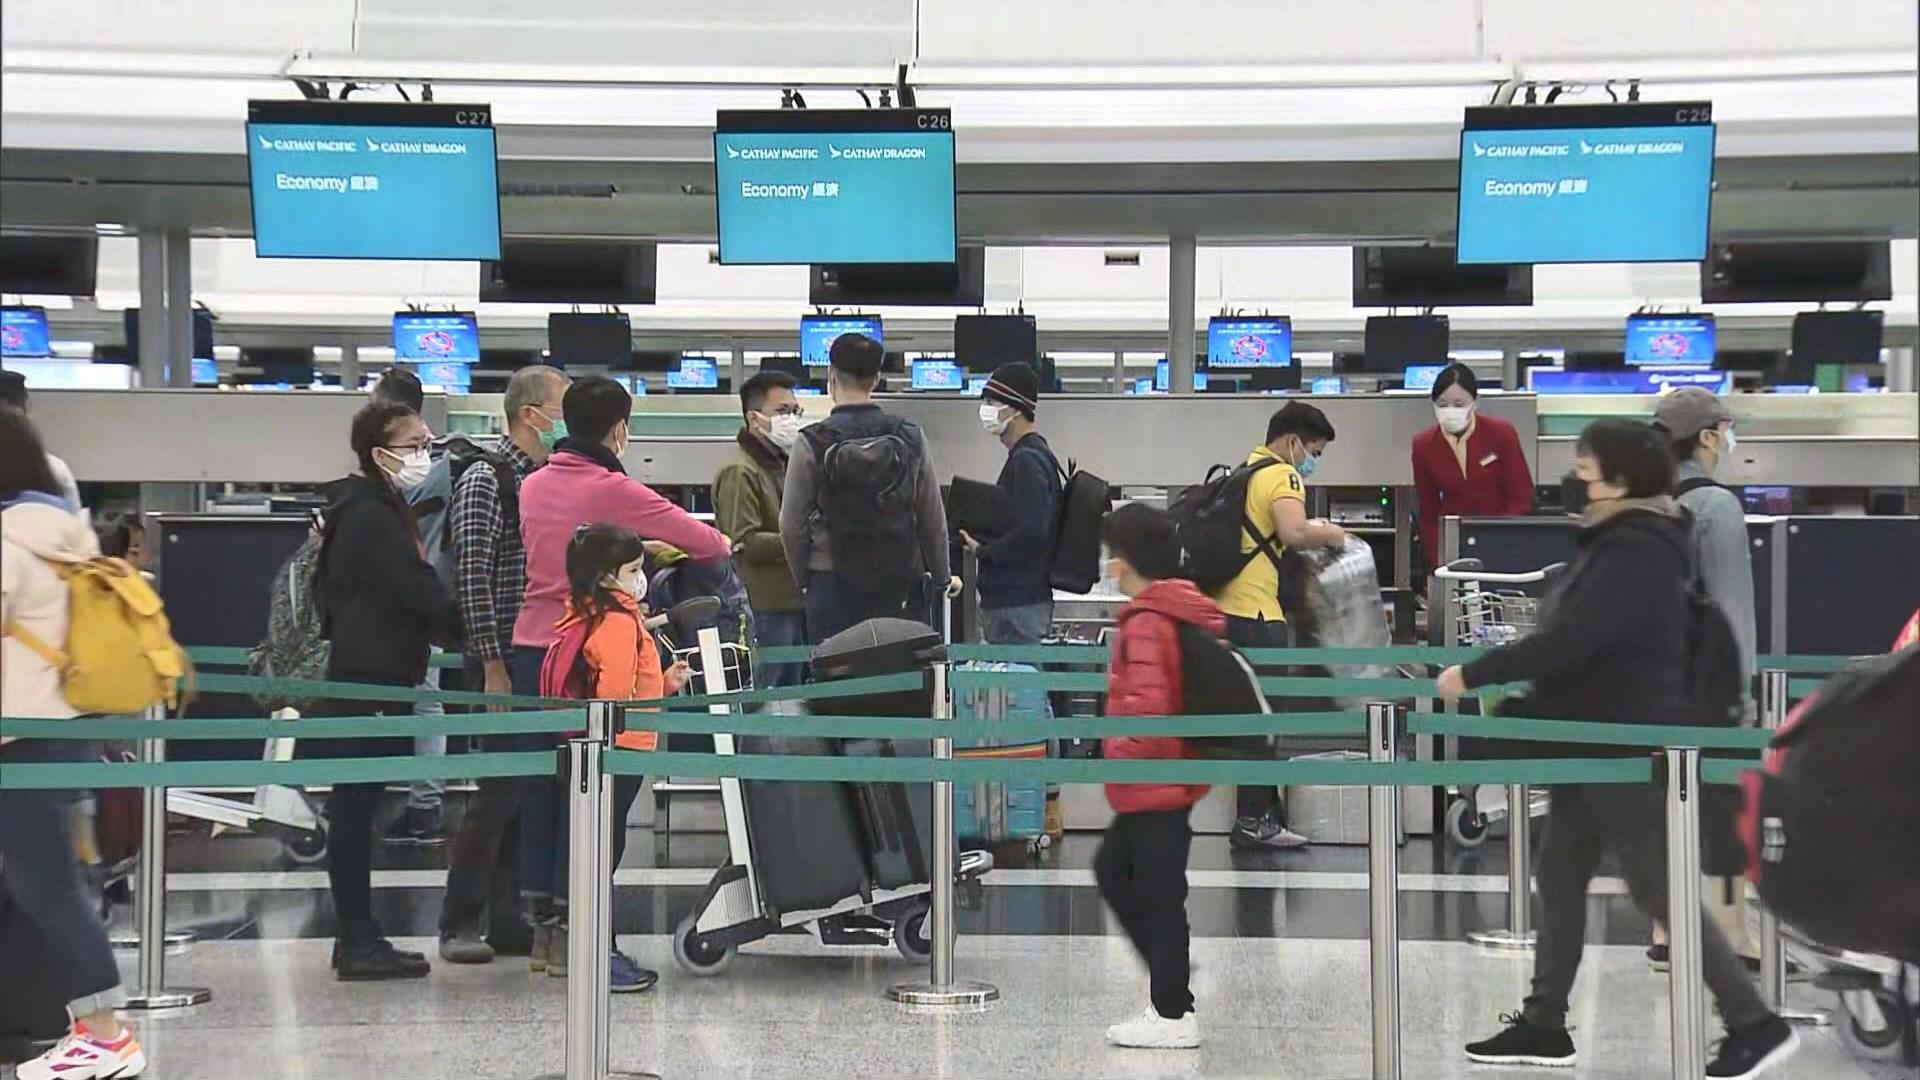 有航空公司稱往泰國的港澳旅客或要接受隔離